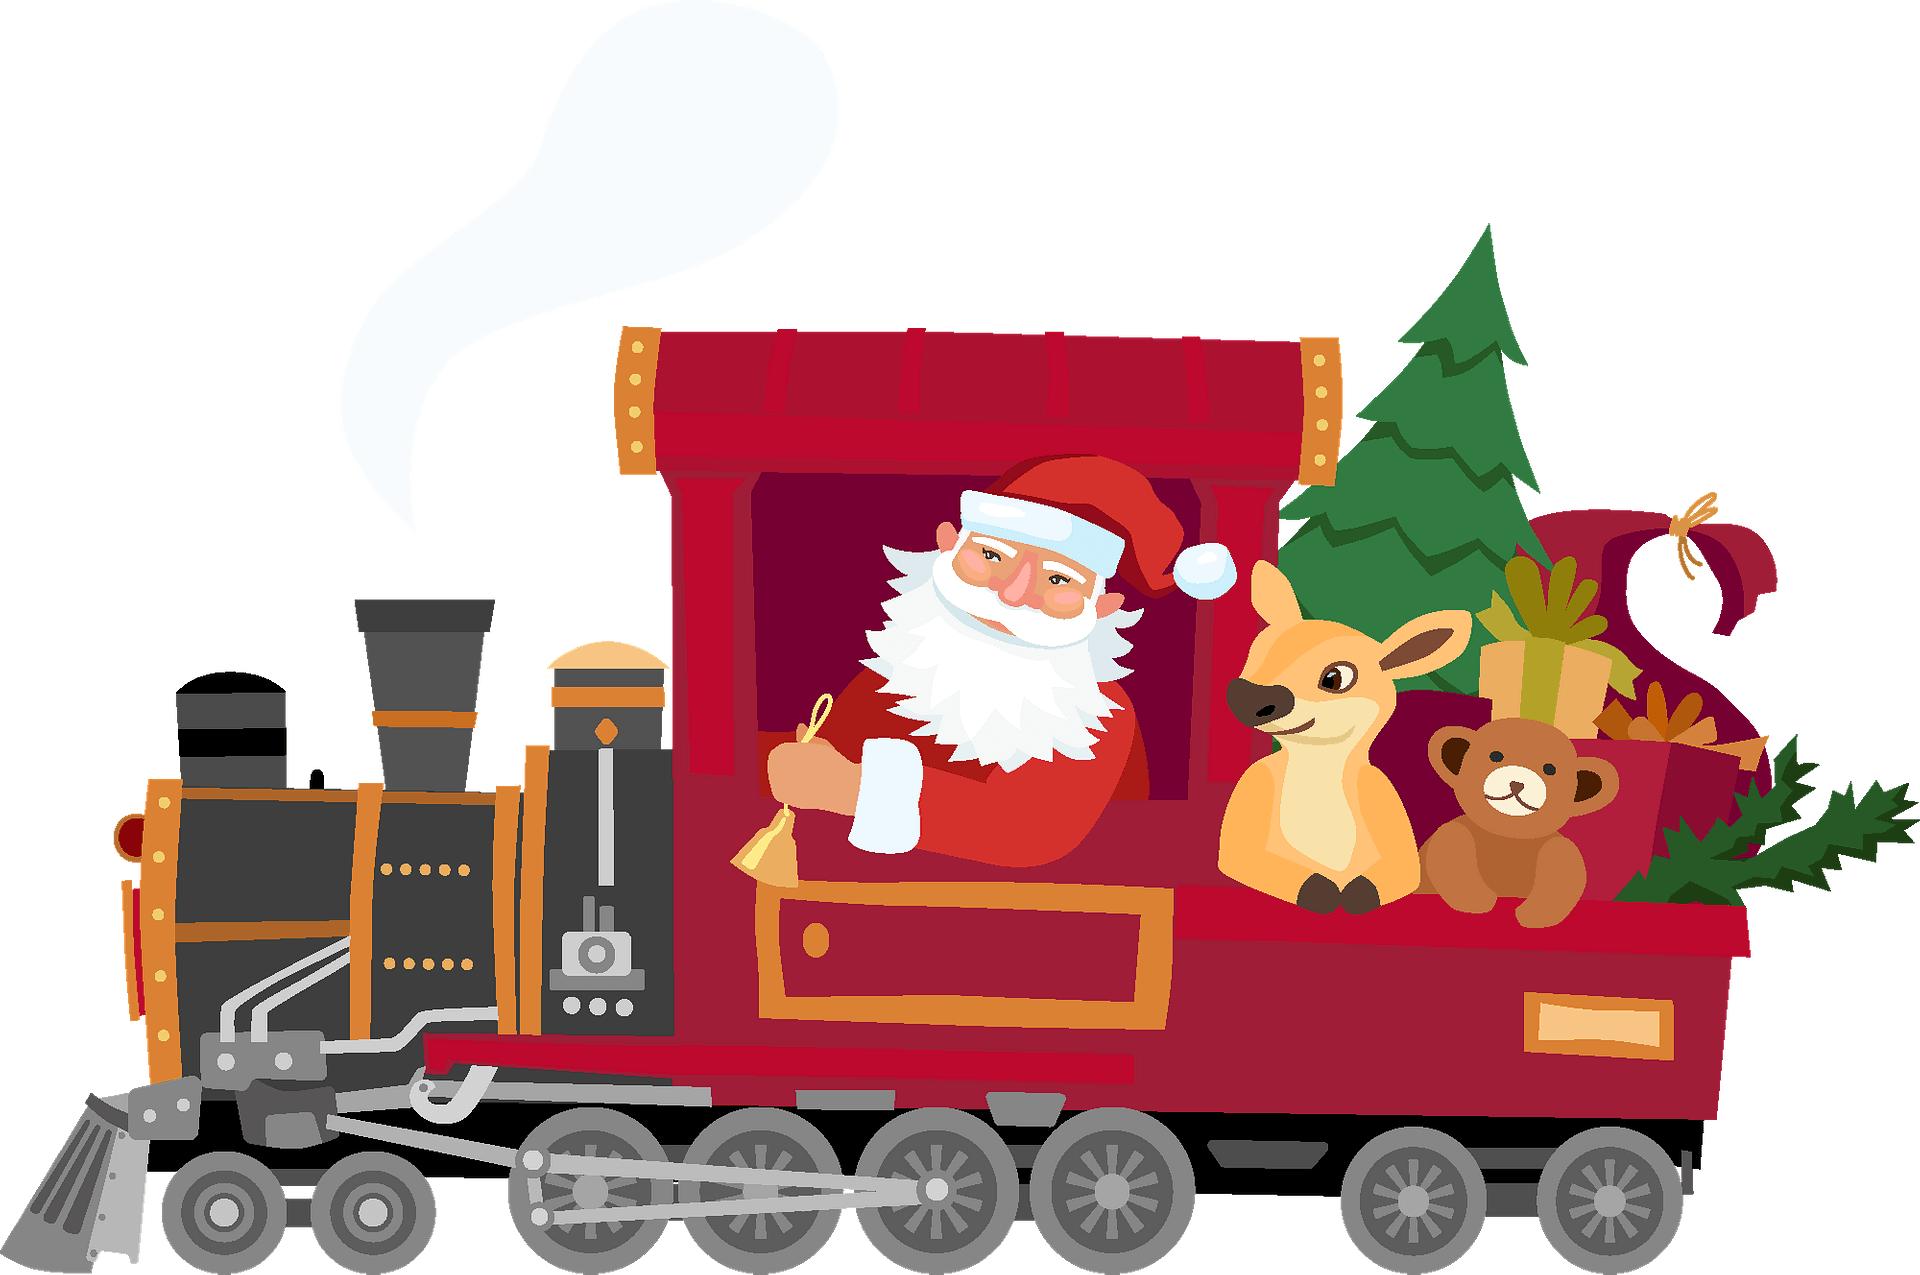 Santa Special Train Image